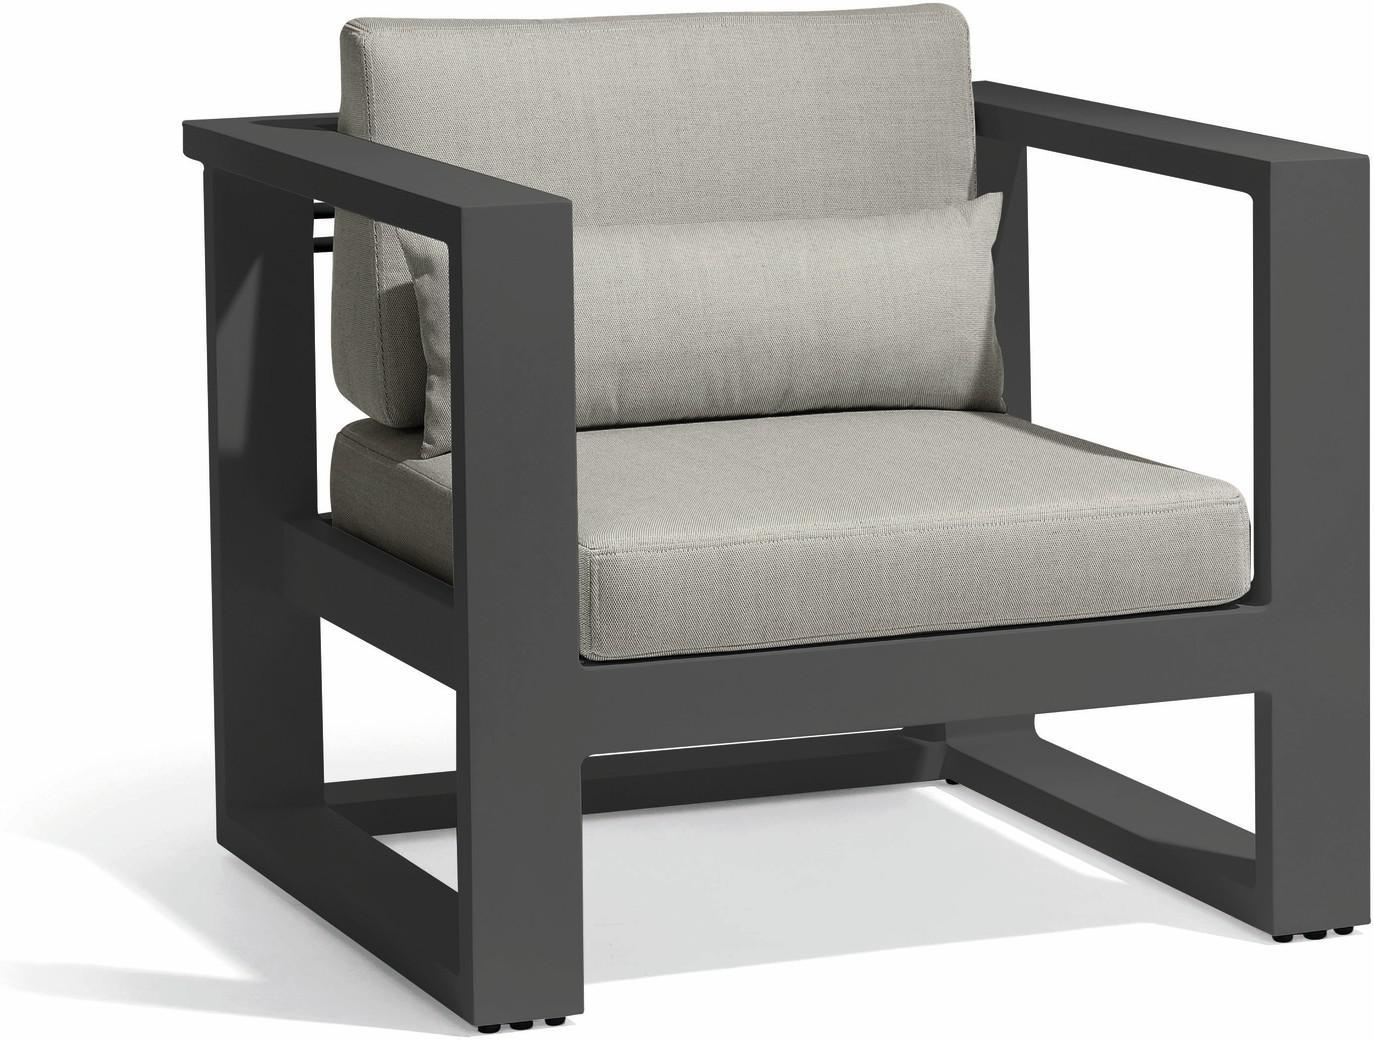 Fuse 1 place - lave - textiles black